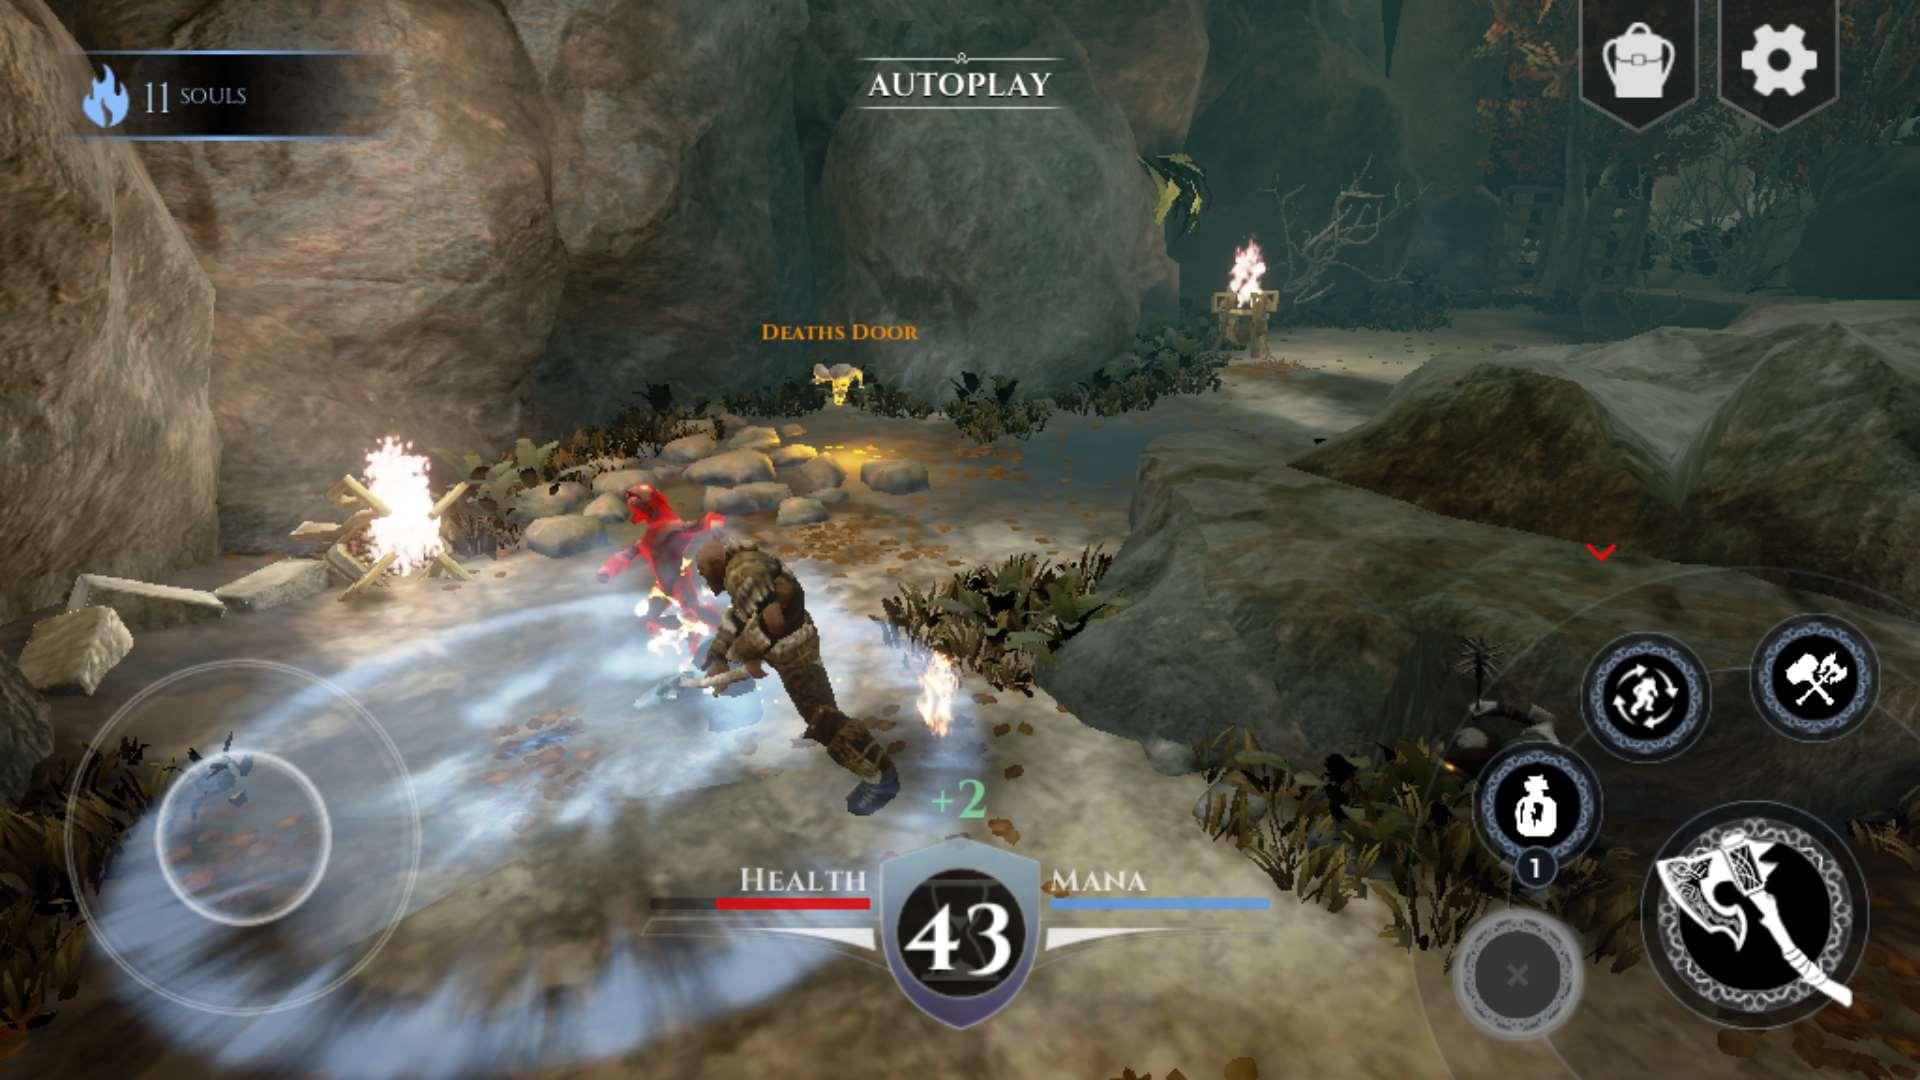 地狱之波游戏满装备无敌破解版 v0.18截图